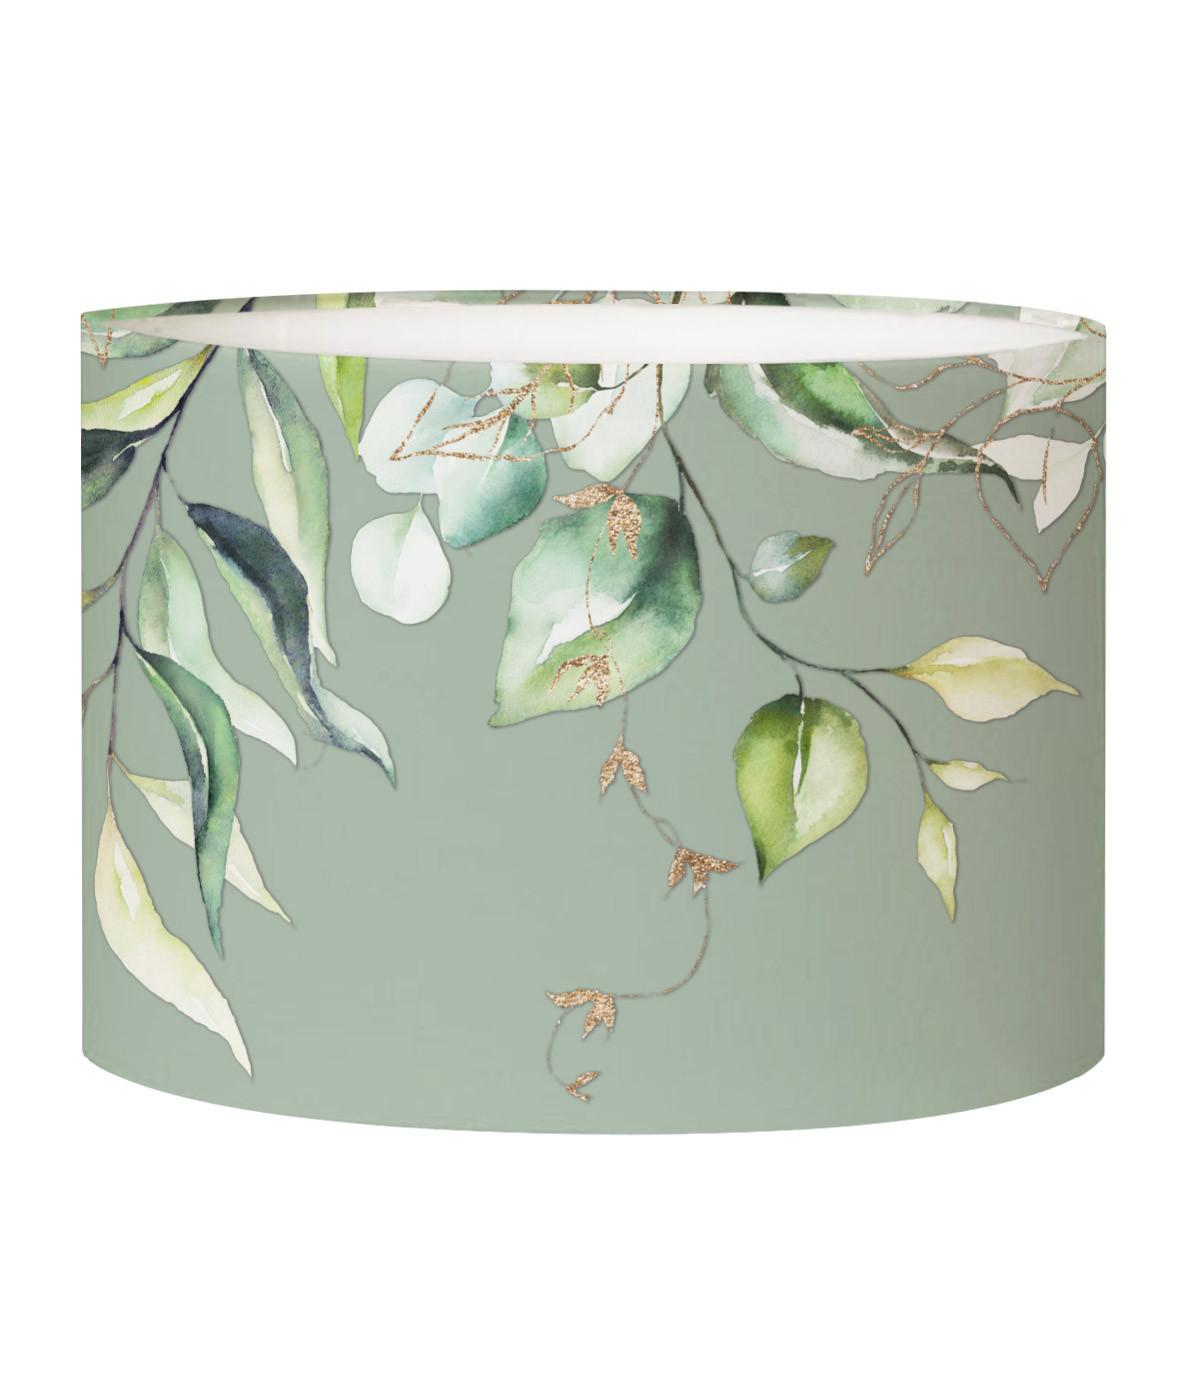 Abat-jour Lampadaire Branche Vert Olive D 45 x H 25